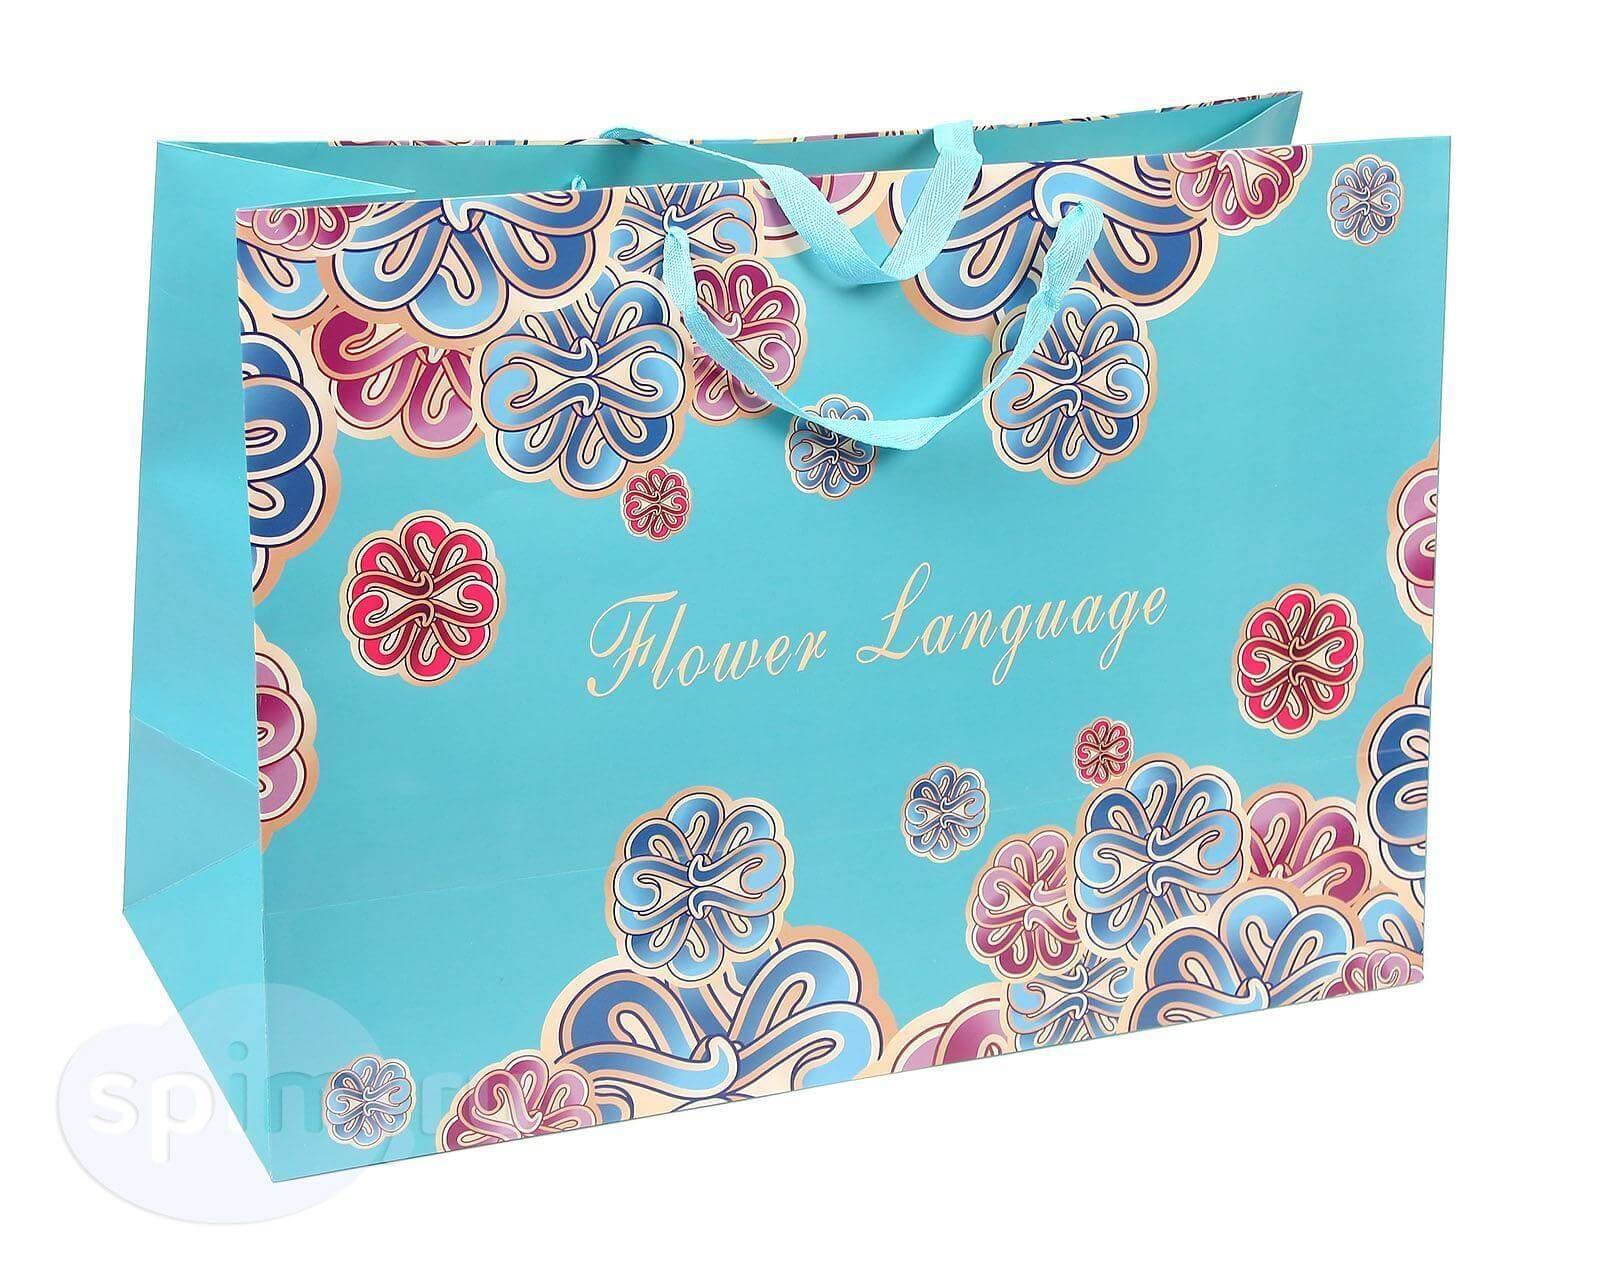 Широкий подарочный пакет Бирюзовый с узорами - Detskoye-Postelnoe.Ru